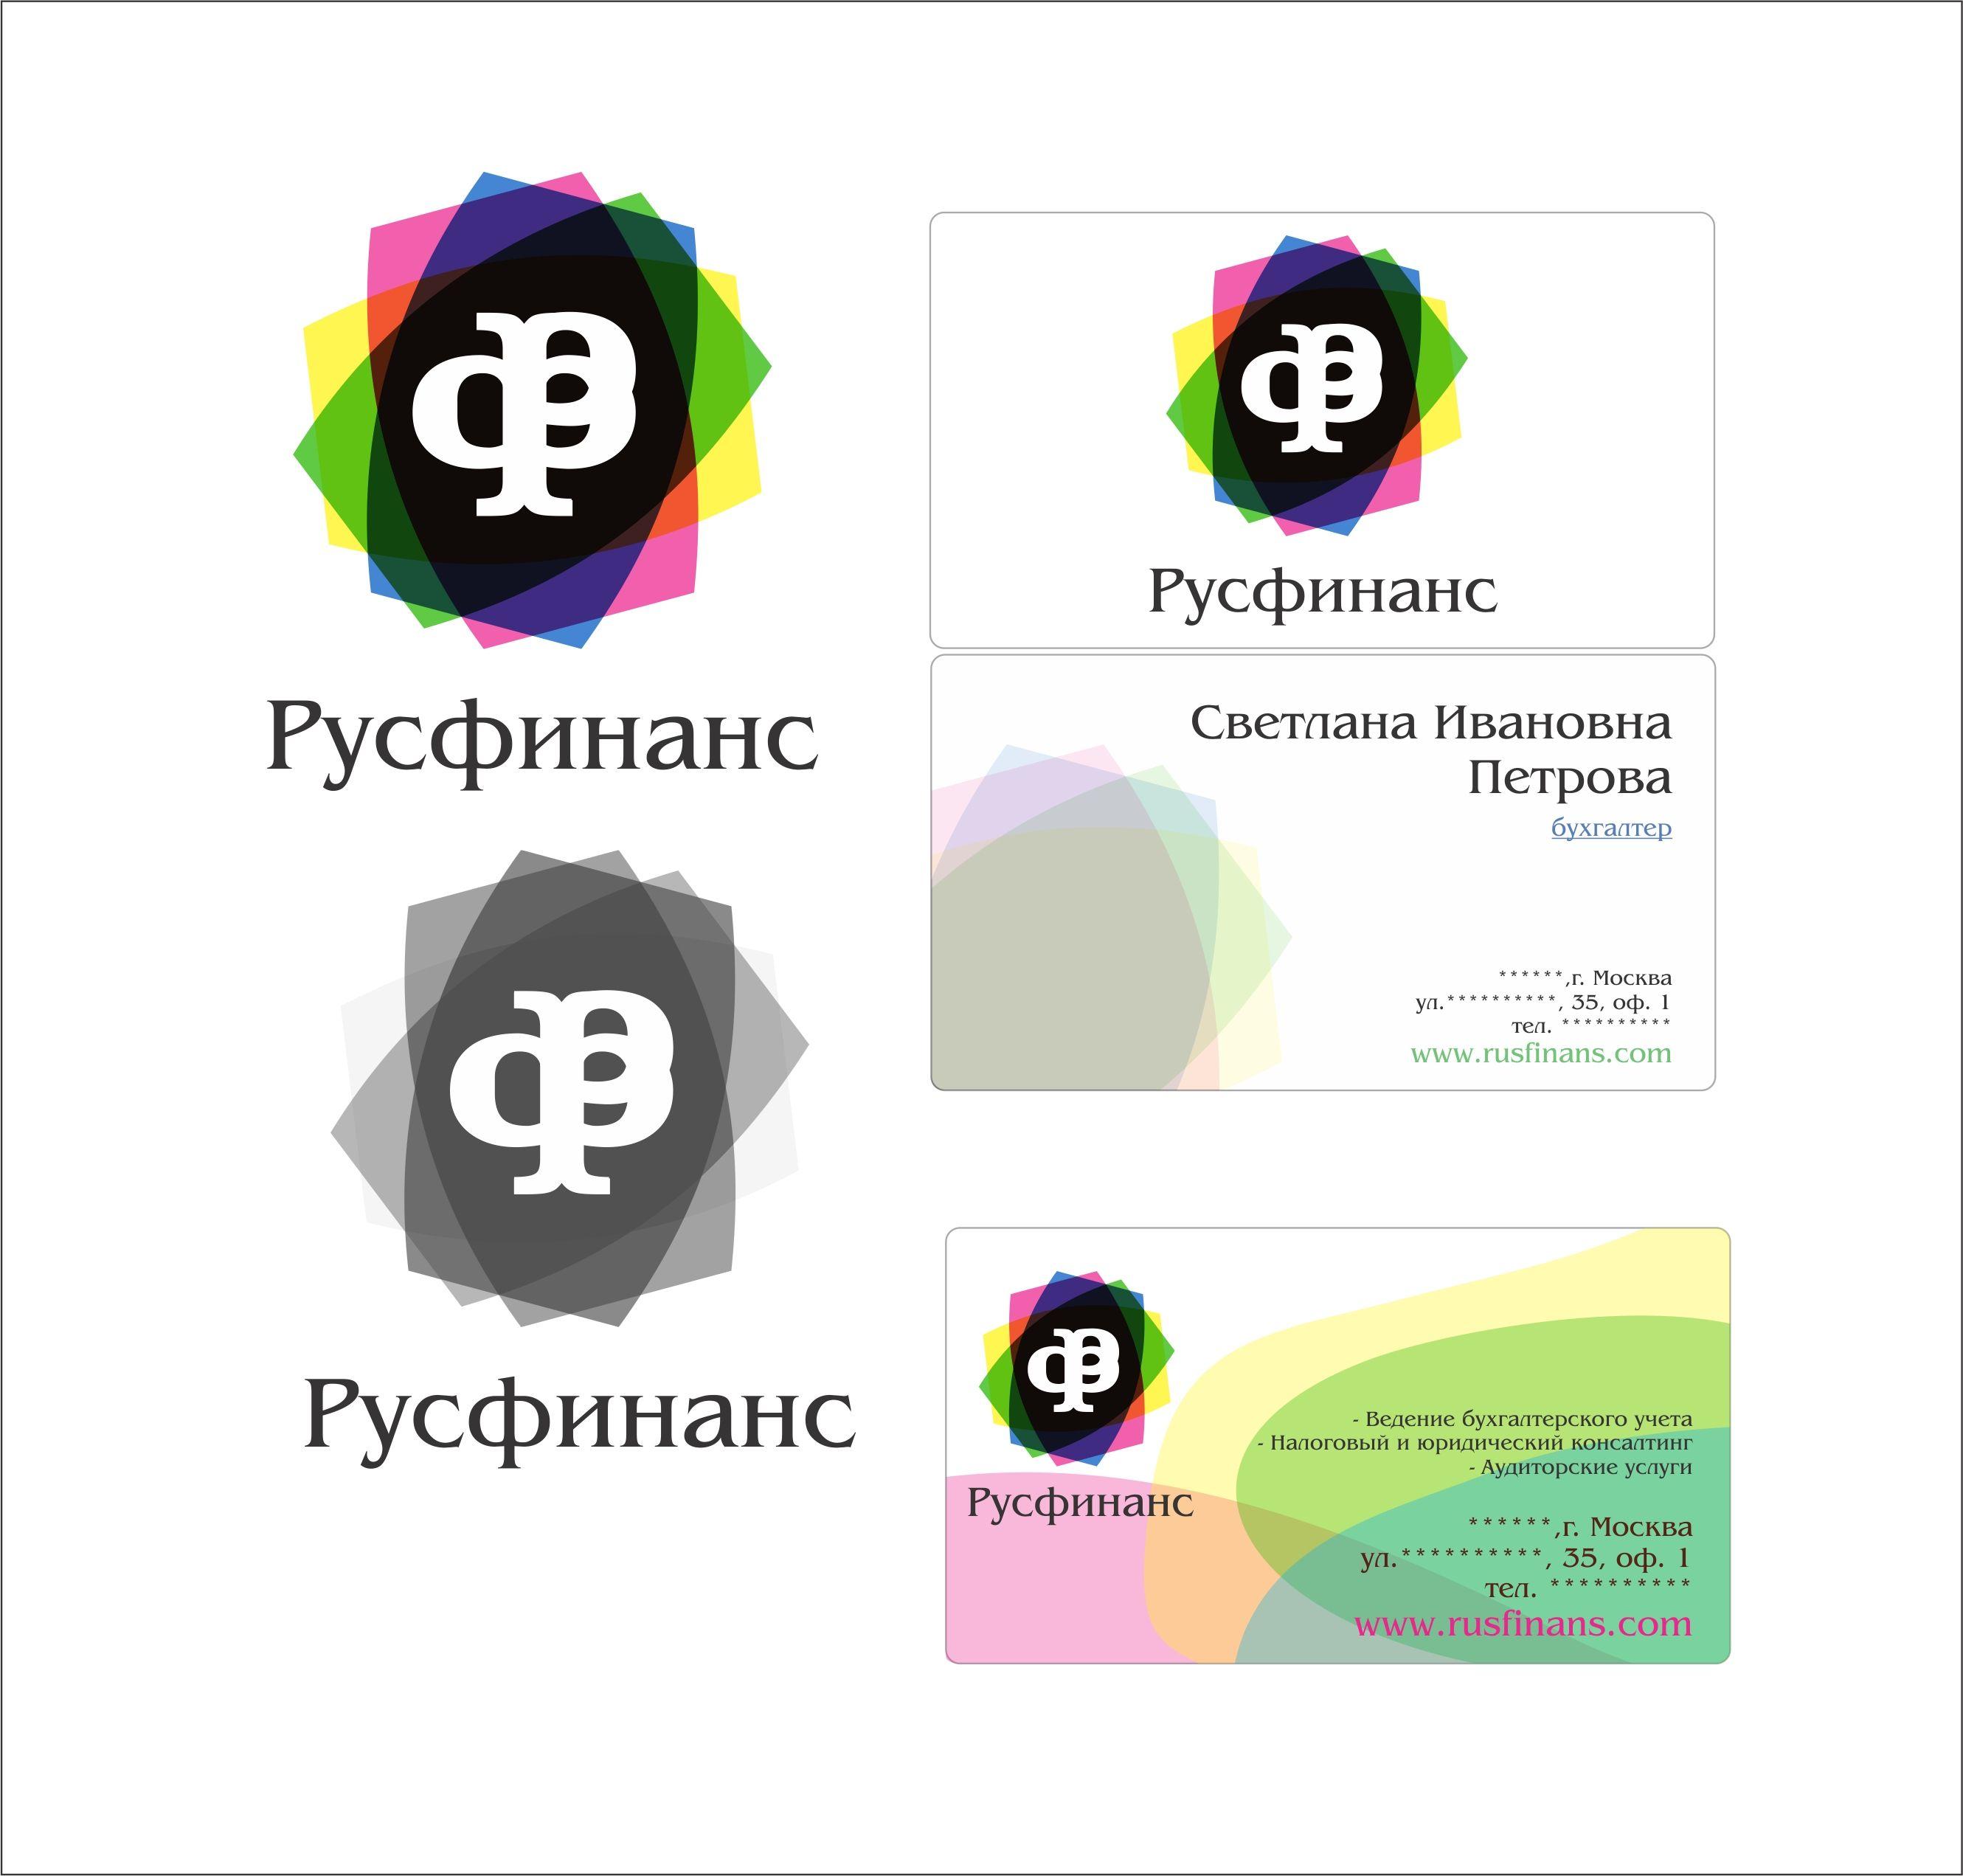 Логотип для Русфинанс - дизайнер 79156510795